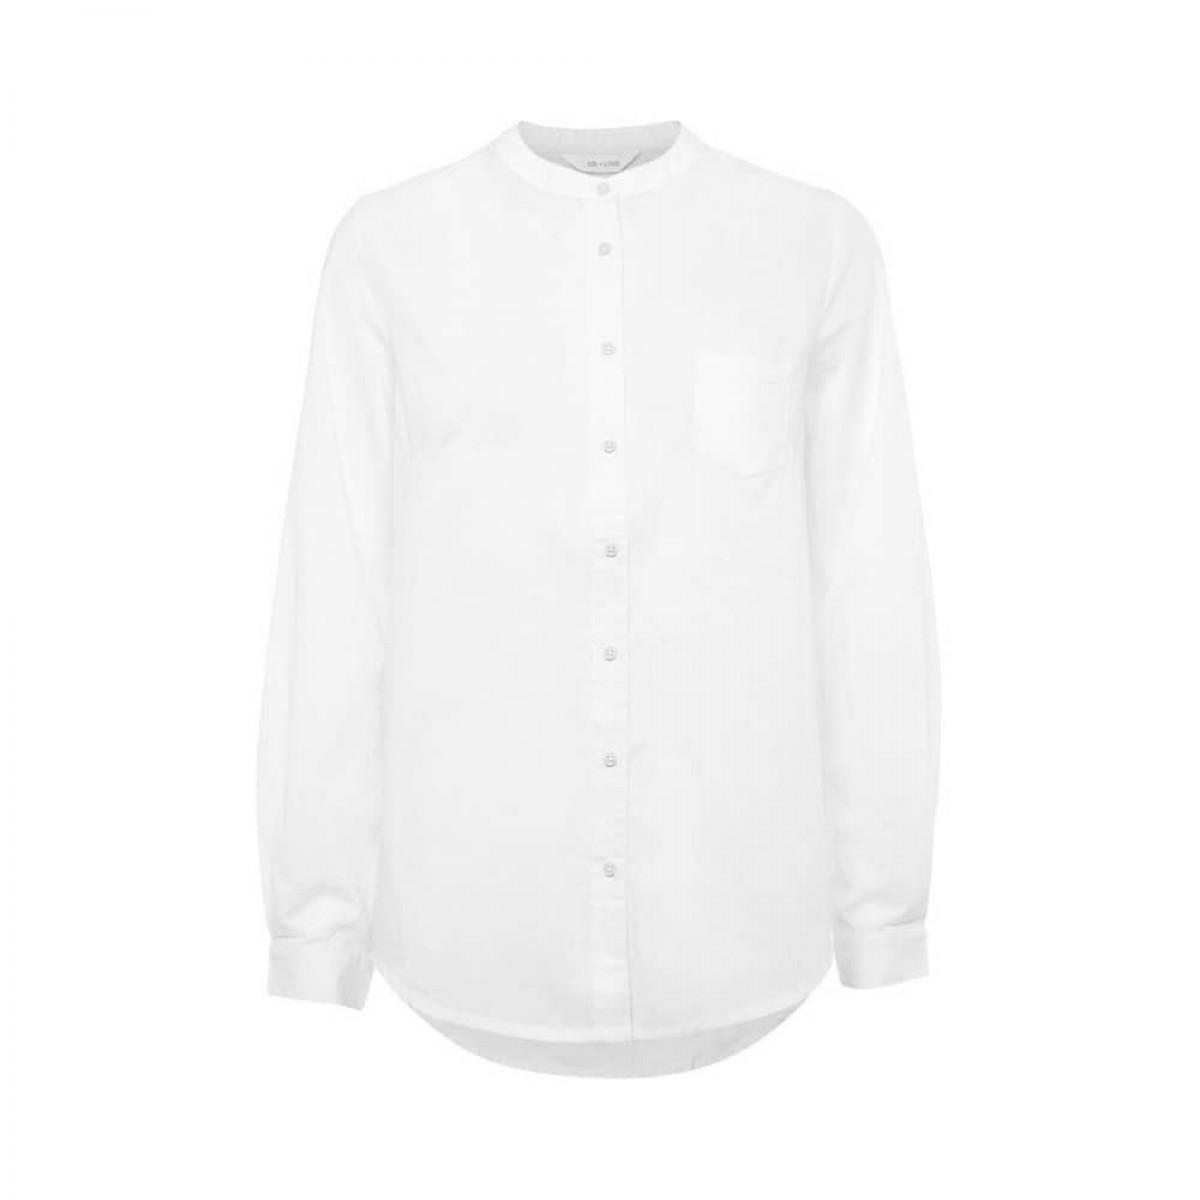 woodie skjorte - white - front